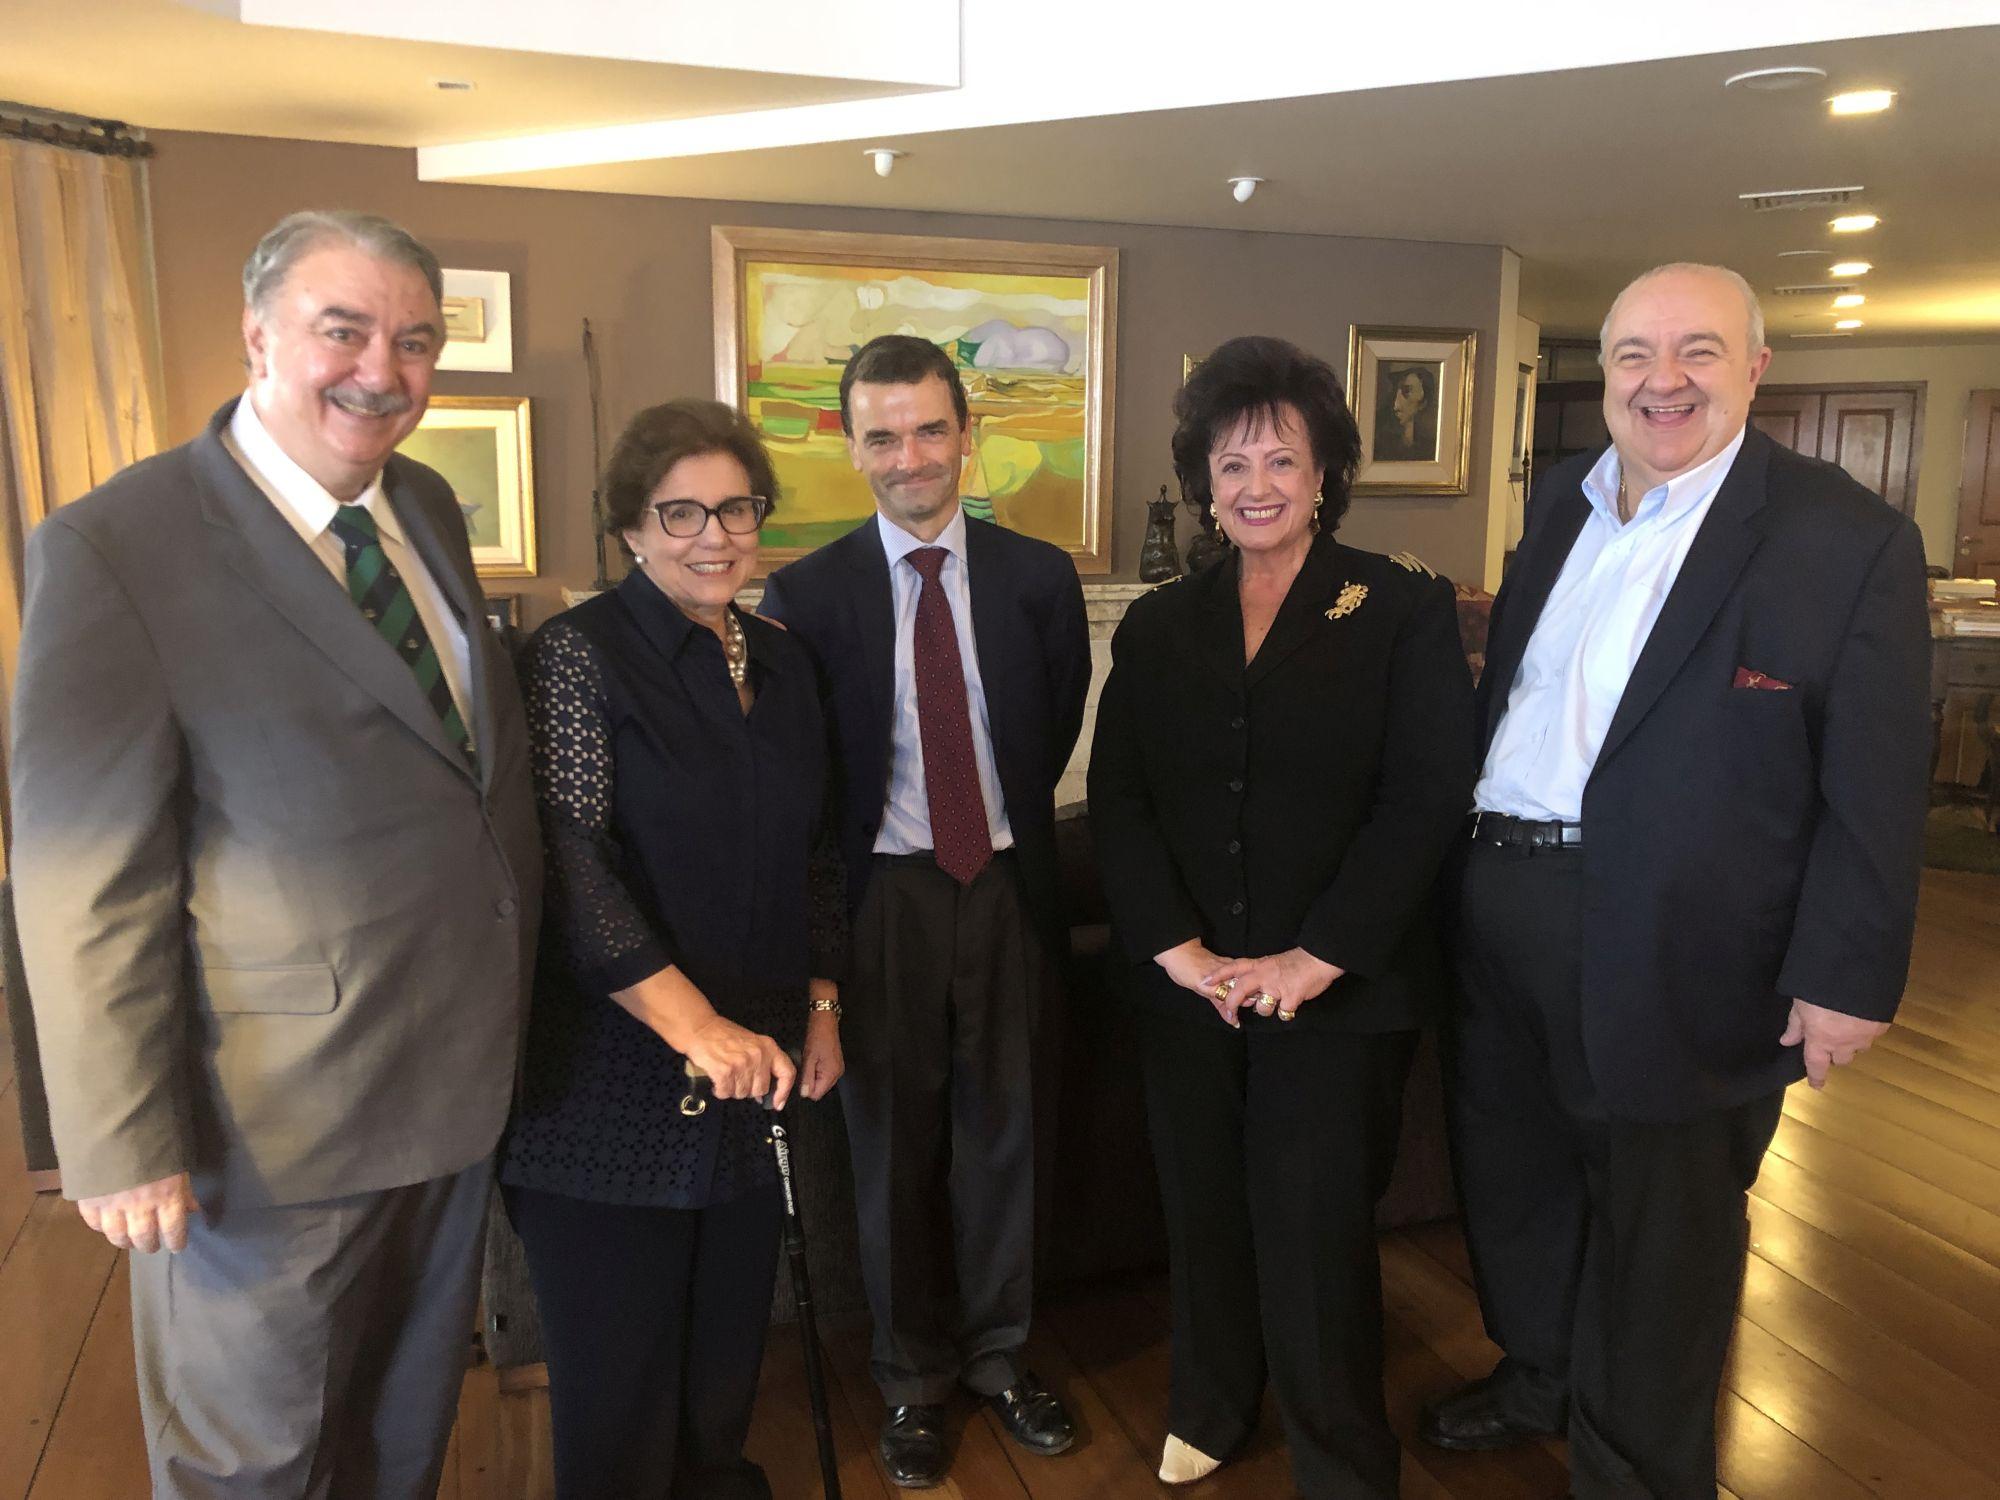 Embaixador da Bélgica prestigia homenagem a João Casillo em Curitiba